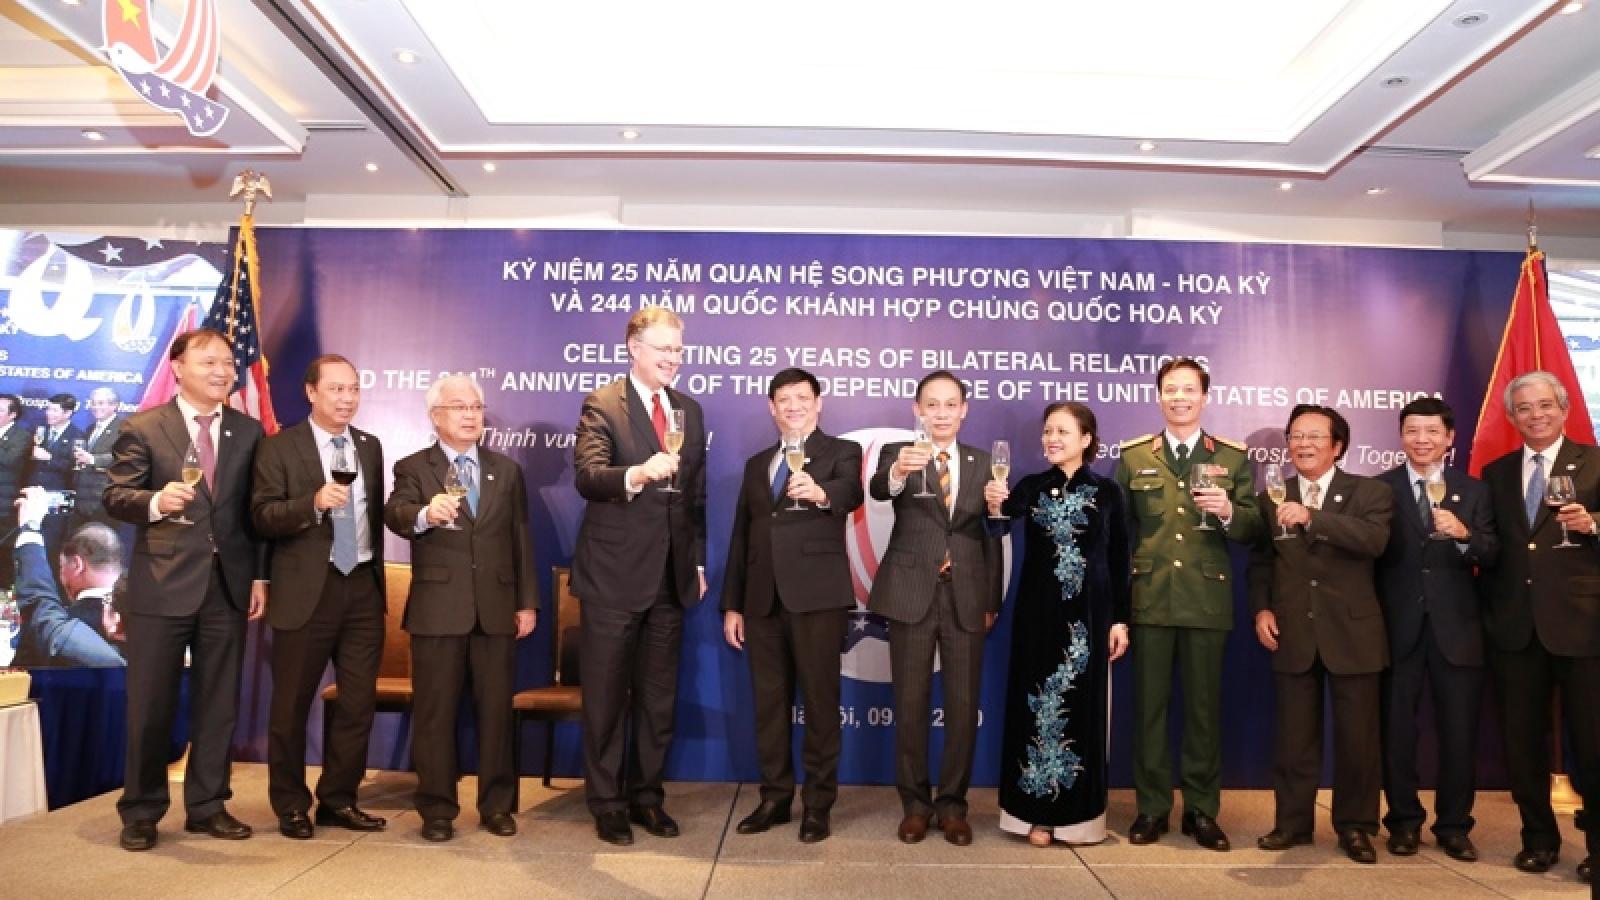 Kỷ niệm Quốc khánh Hoa Kỳ lần thứ 244 và 25 năm quan hệ ngoại giao Việt Nam-Hoa Kỳ